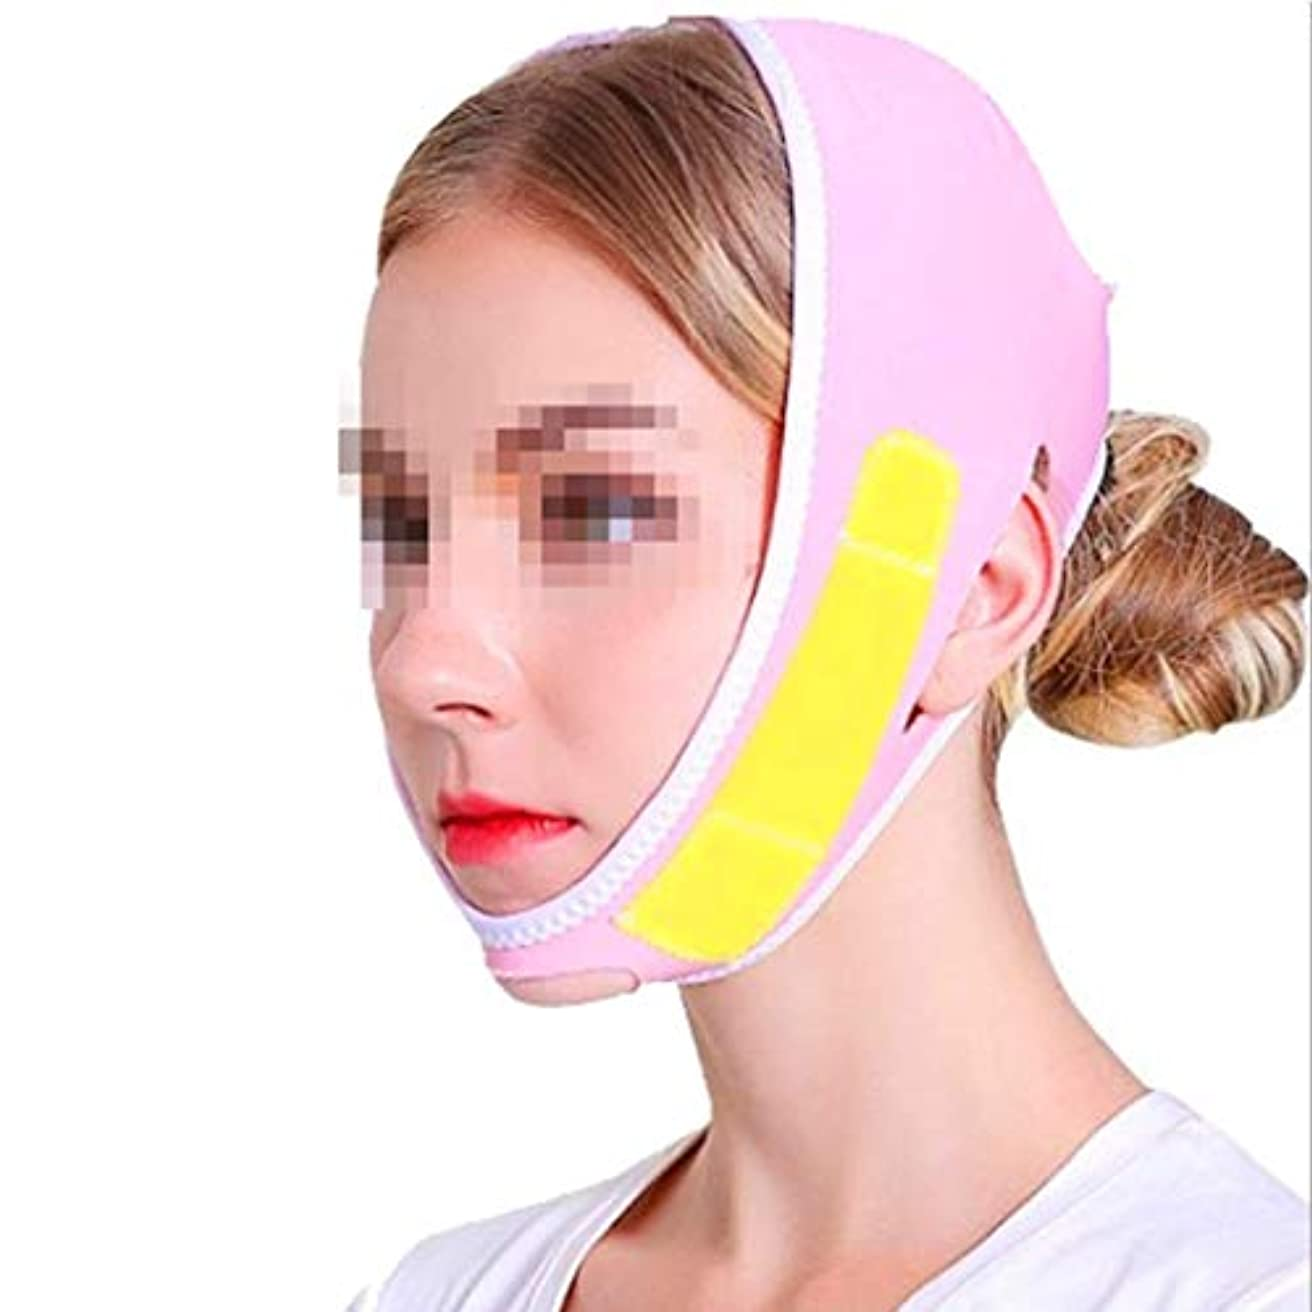 最大限報酬オートフェイスリフトマスク、Vフェイスフェイシャルリフティング、およびローラインにしっかりと締め付けます二重あごの美容整形包帯マルチカラーオプション(カラー:イエロー),ピンク